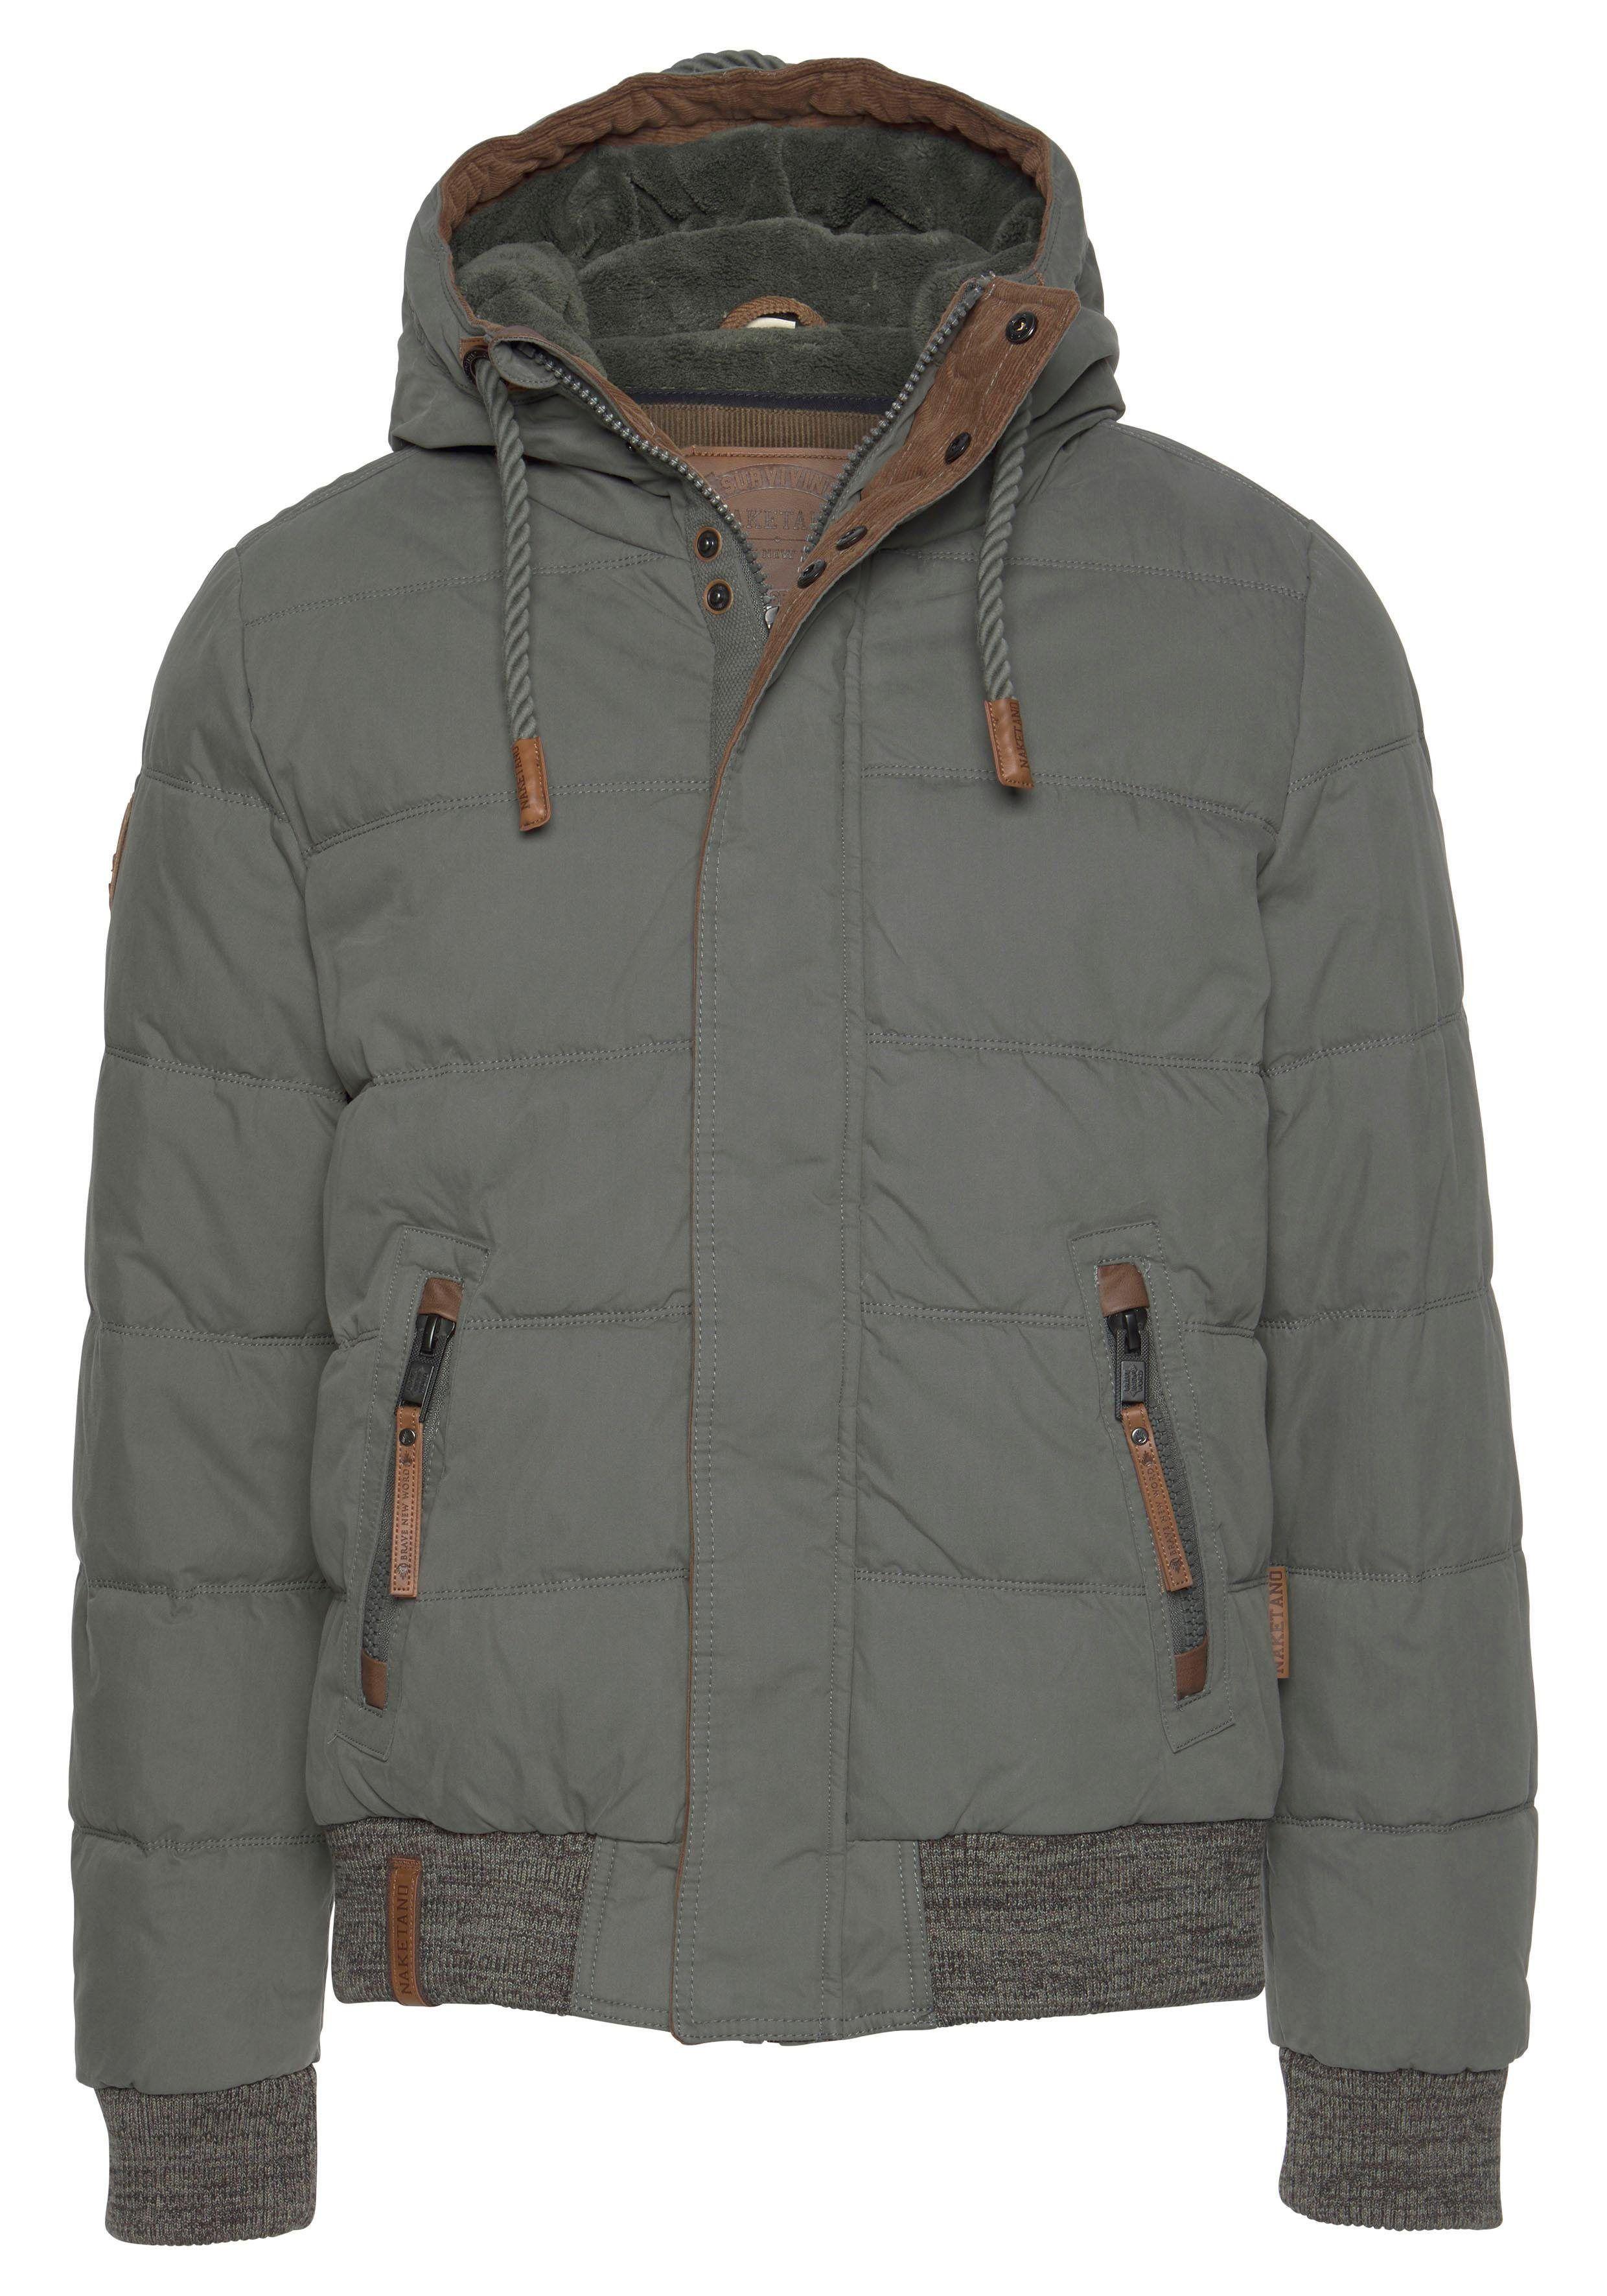 Naketano Steppjacke Was Erlauben Strunz Jetzt Bestellen Unter Https Mode Ladendirekt De Herren Bekleidung Jacken Steppjacke Jackets Fashion Winter Jackets